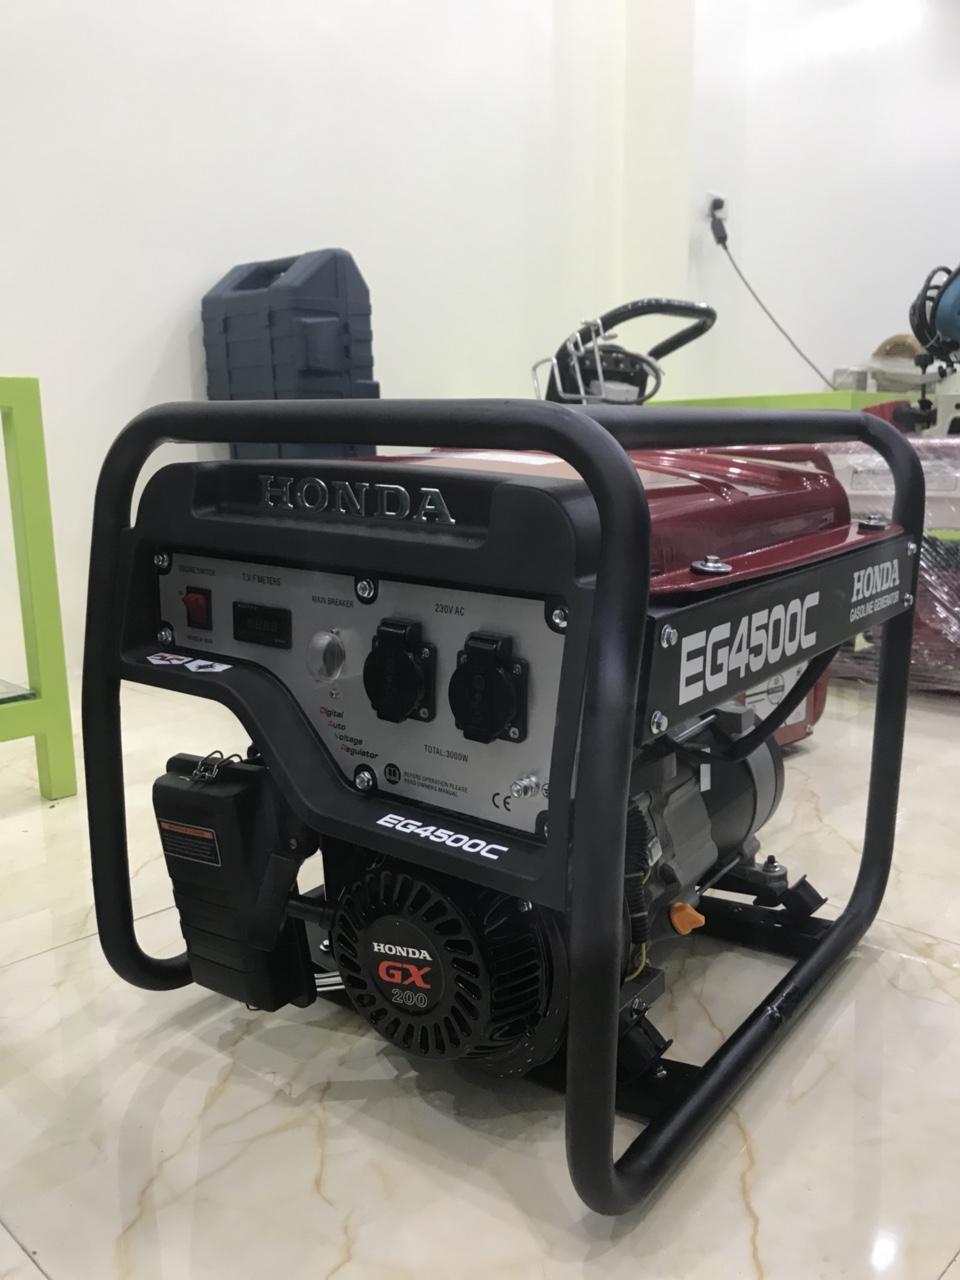 Máy phát điện chạy xăng EG 4500EX đề nổ và ắc quy